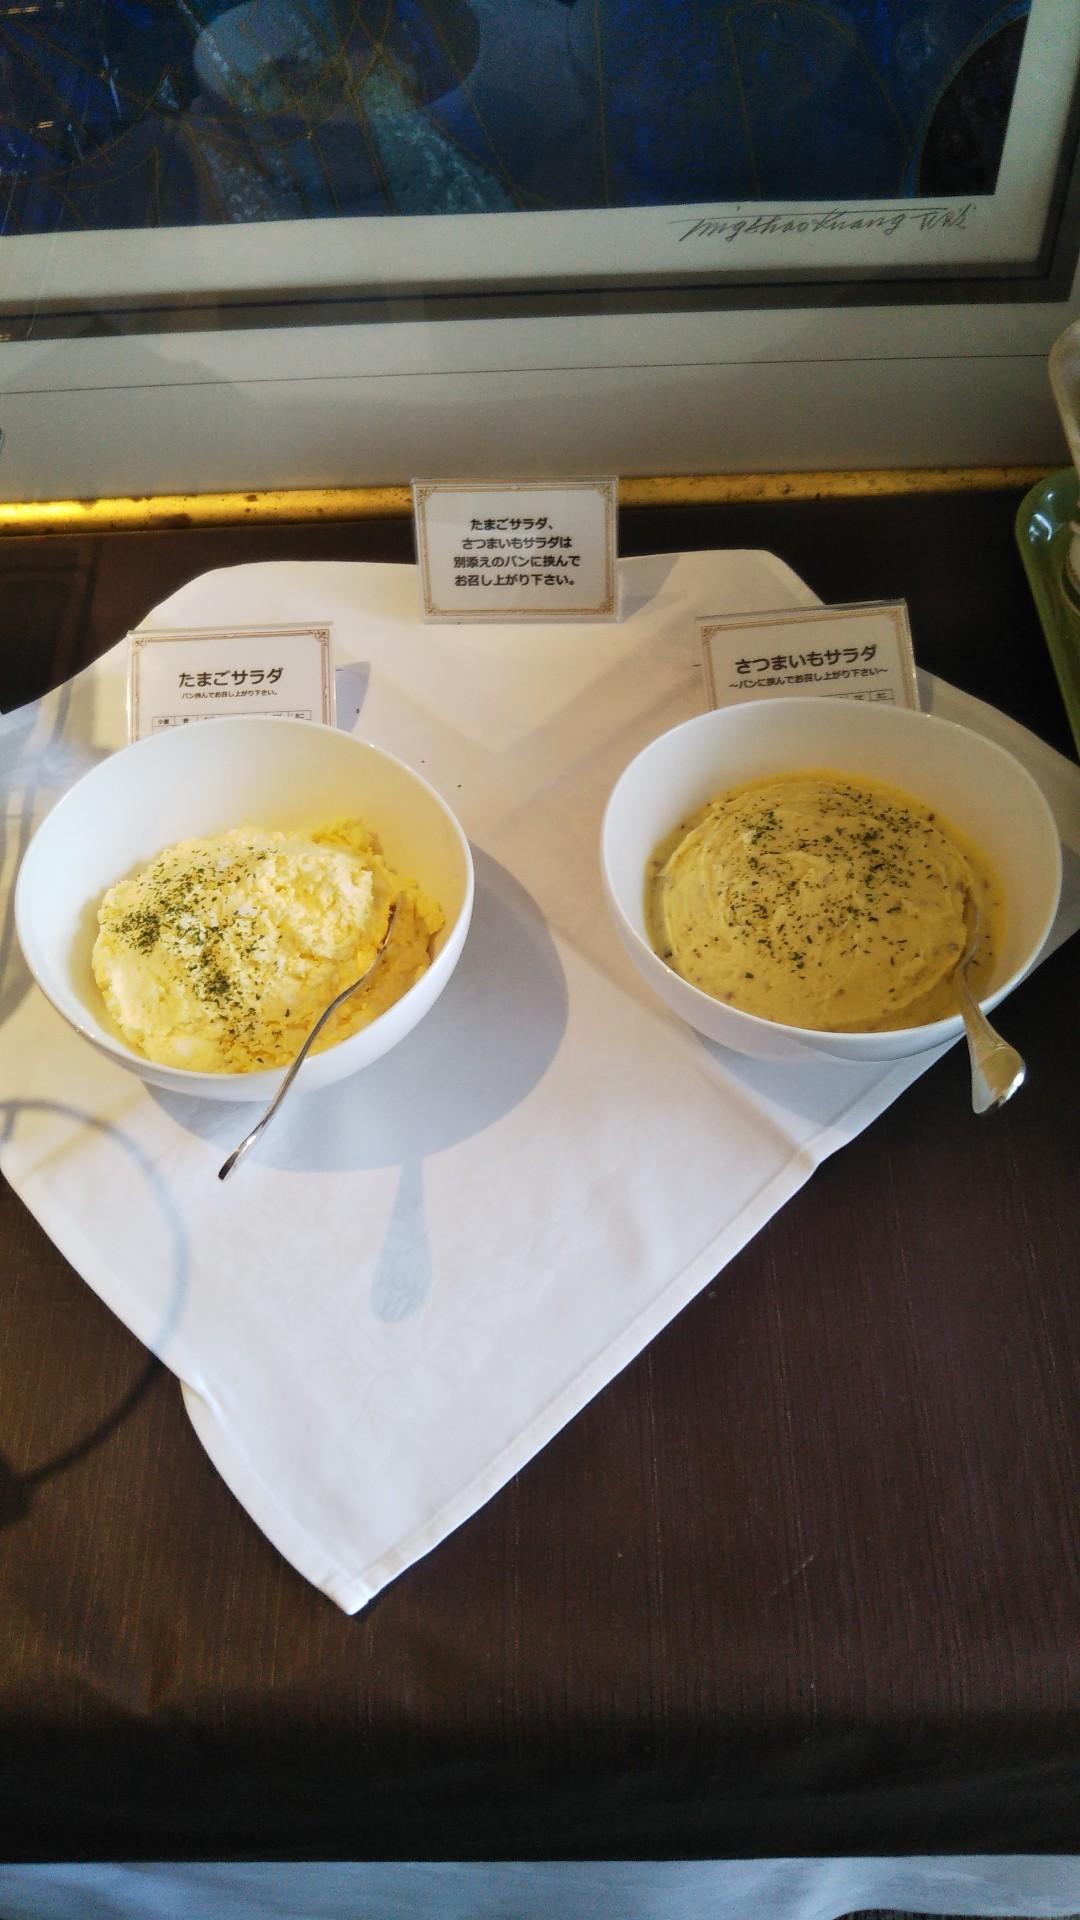 川崎日航ホテル 夜間飛行 チョコレートスイーツブッフェ_f0076001_22182954.jpg